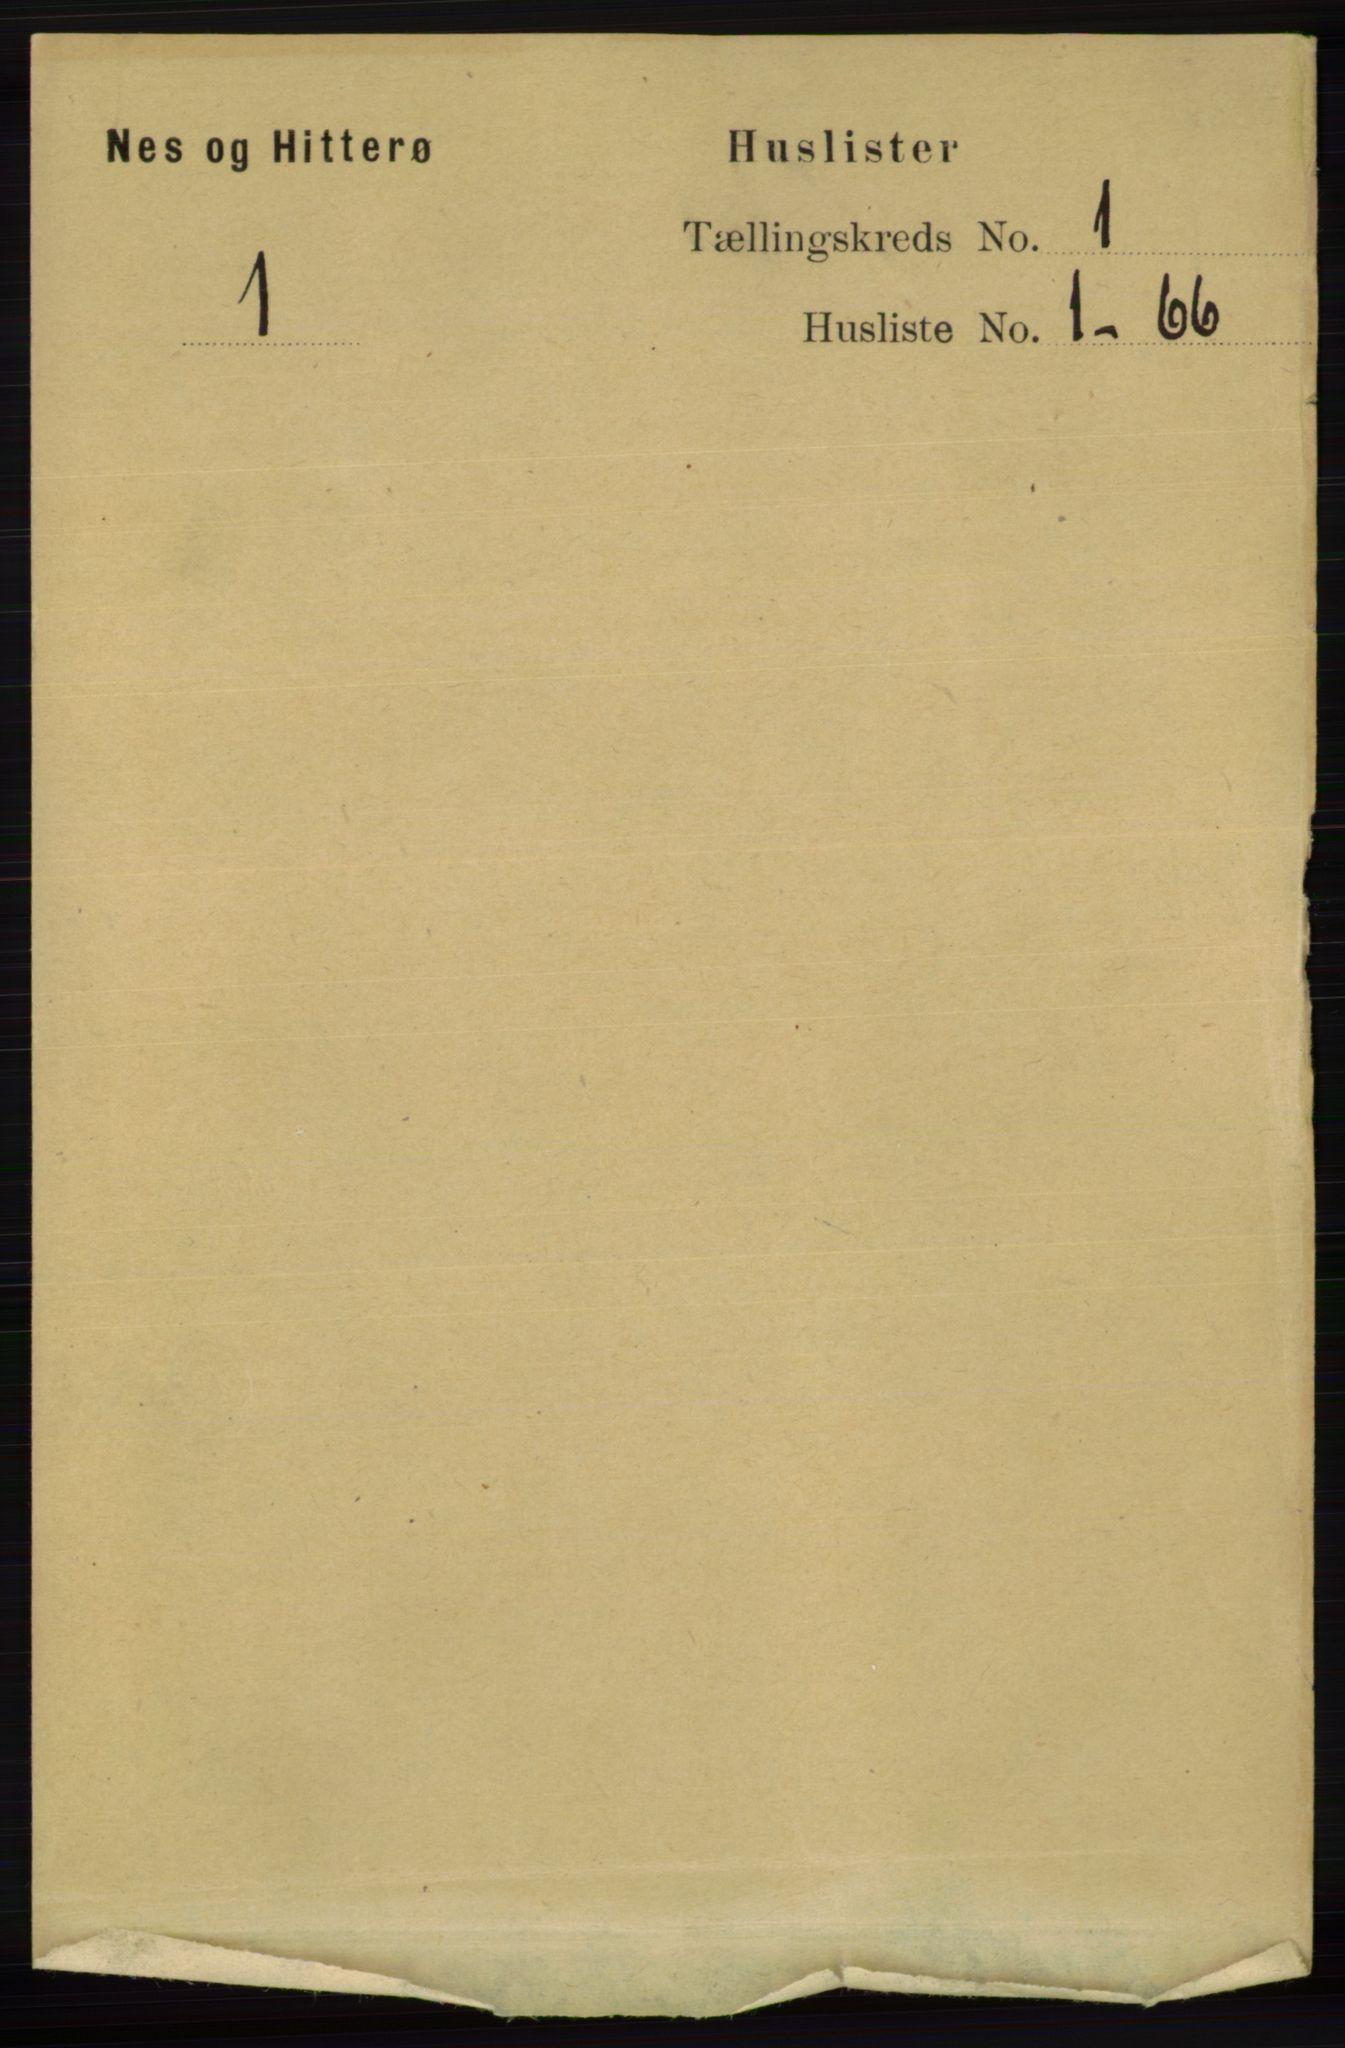 RA, Folketelling 1891 for 1043 Hidra og Nes herred, 1891, s. 29